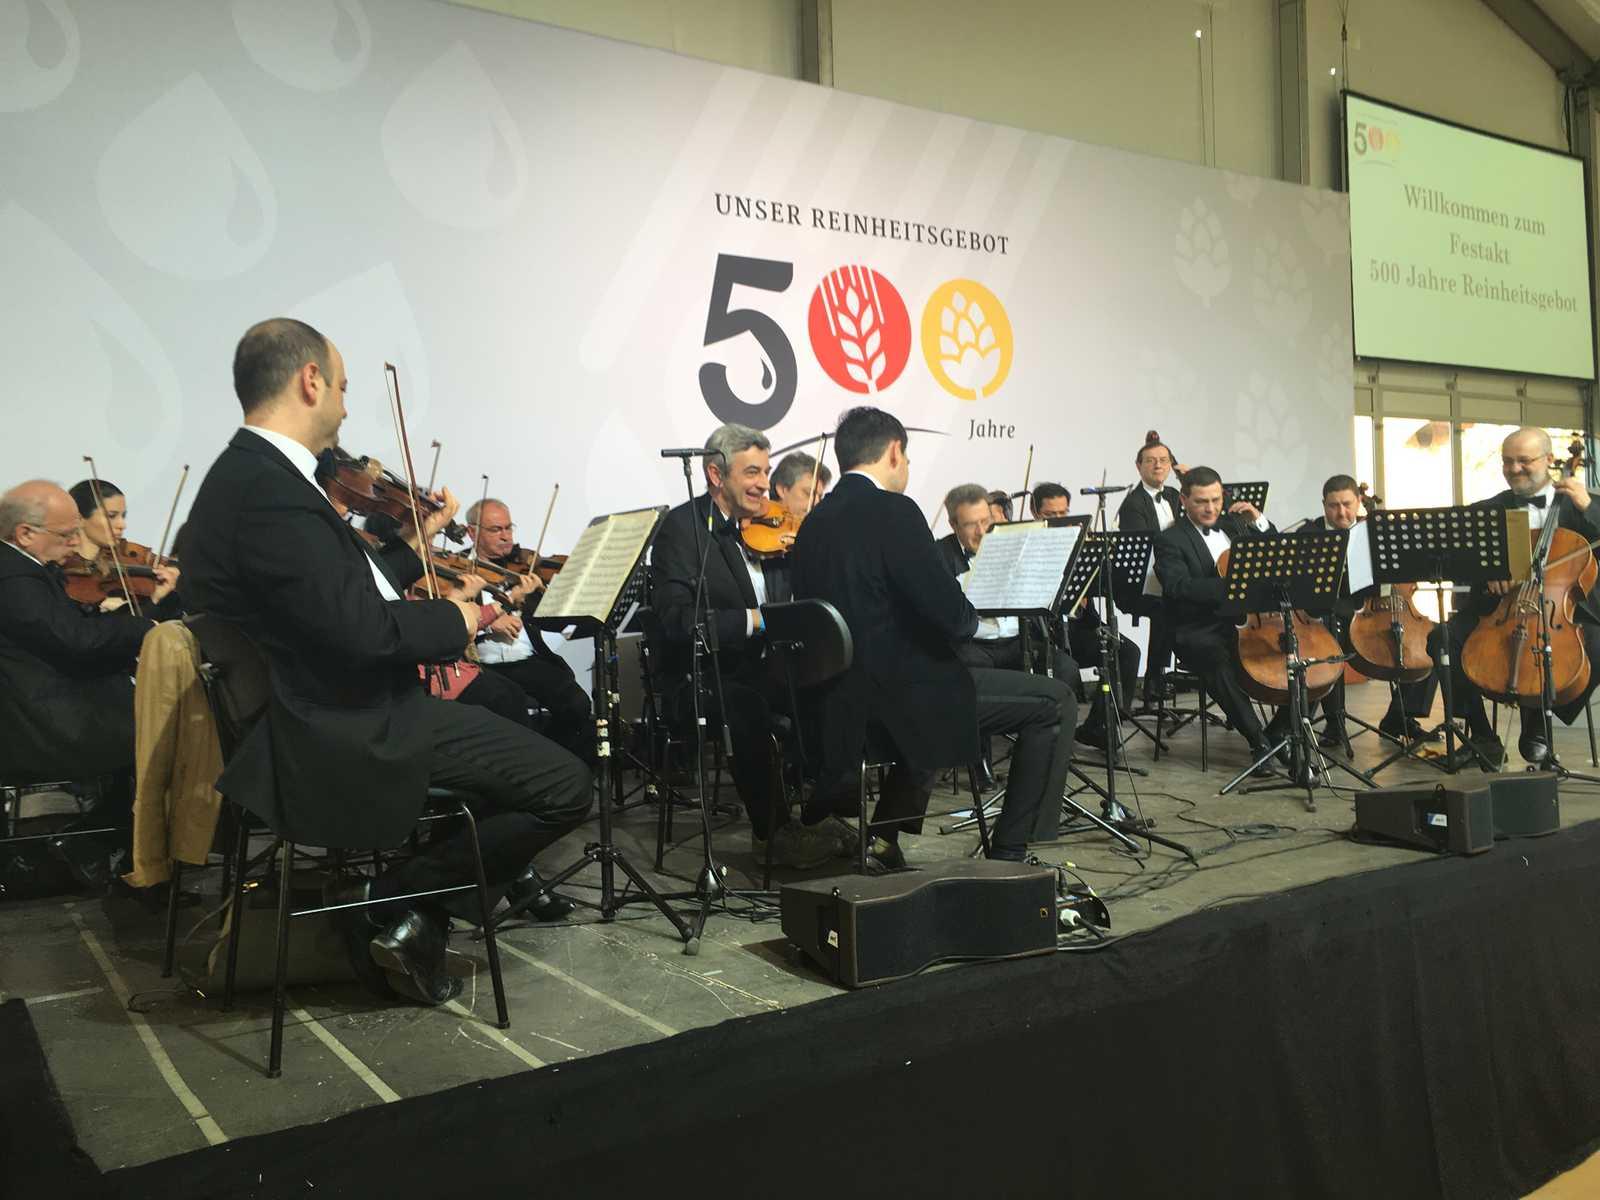 500 Jahre Reinheitsgebot Großer Festakt in Ingolstadt mit